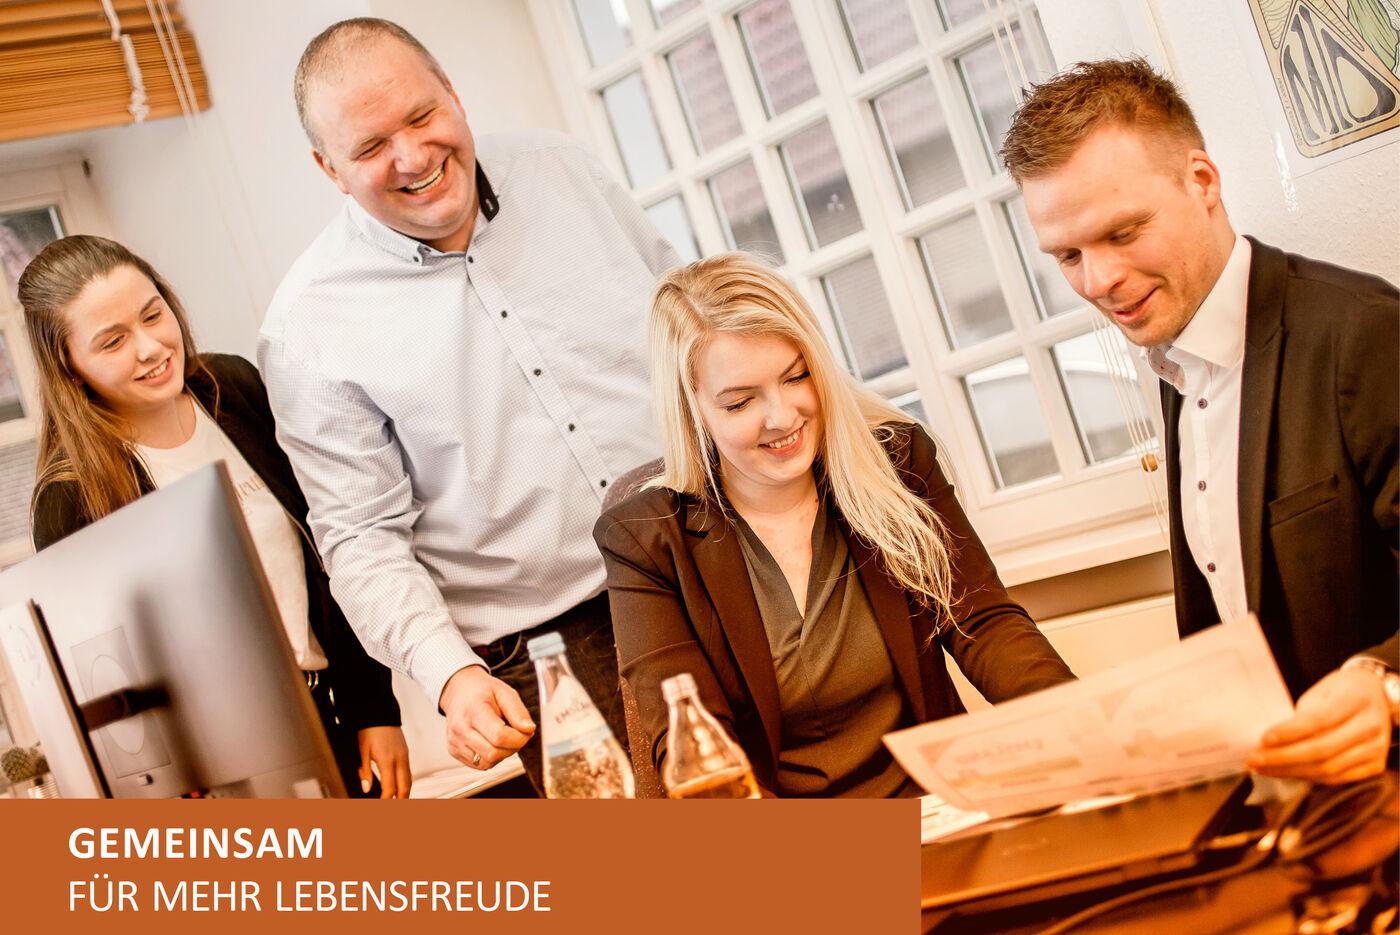 Mitarbeiter Key Account Service (w/m/d) - Job Minden, Home office - Karriere bei Berentzen